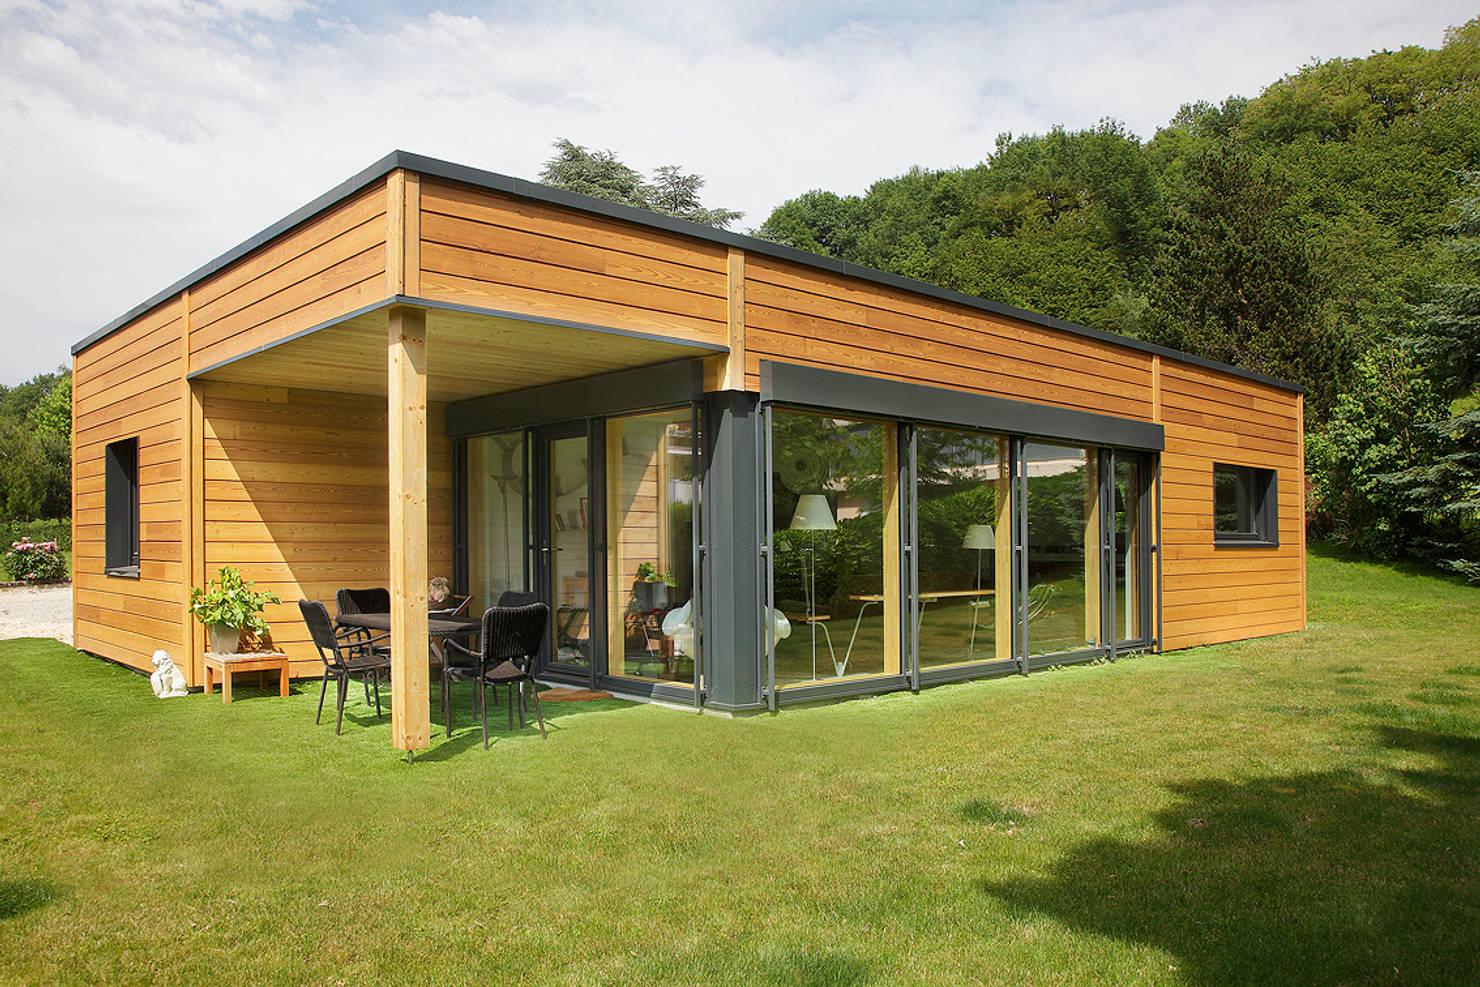 한 가족을 위한 경제적인 30평대 주택